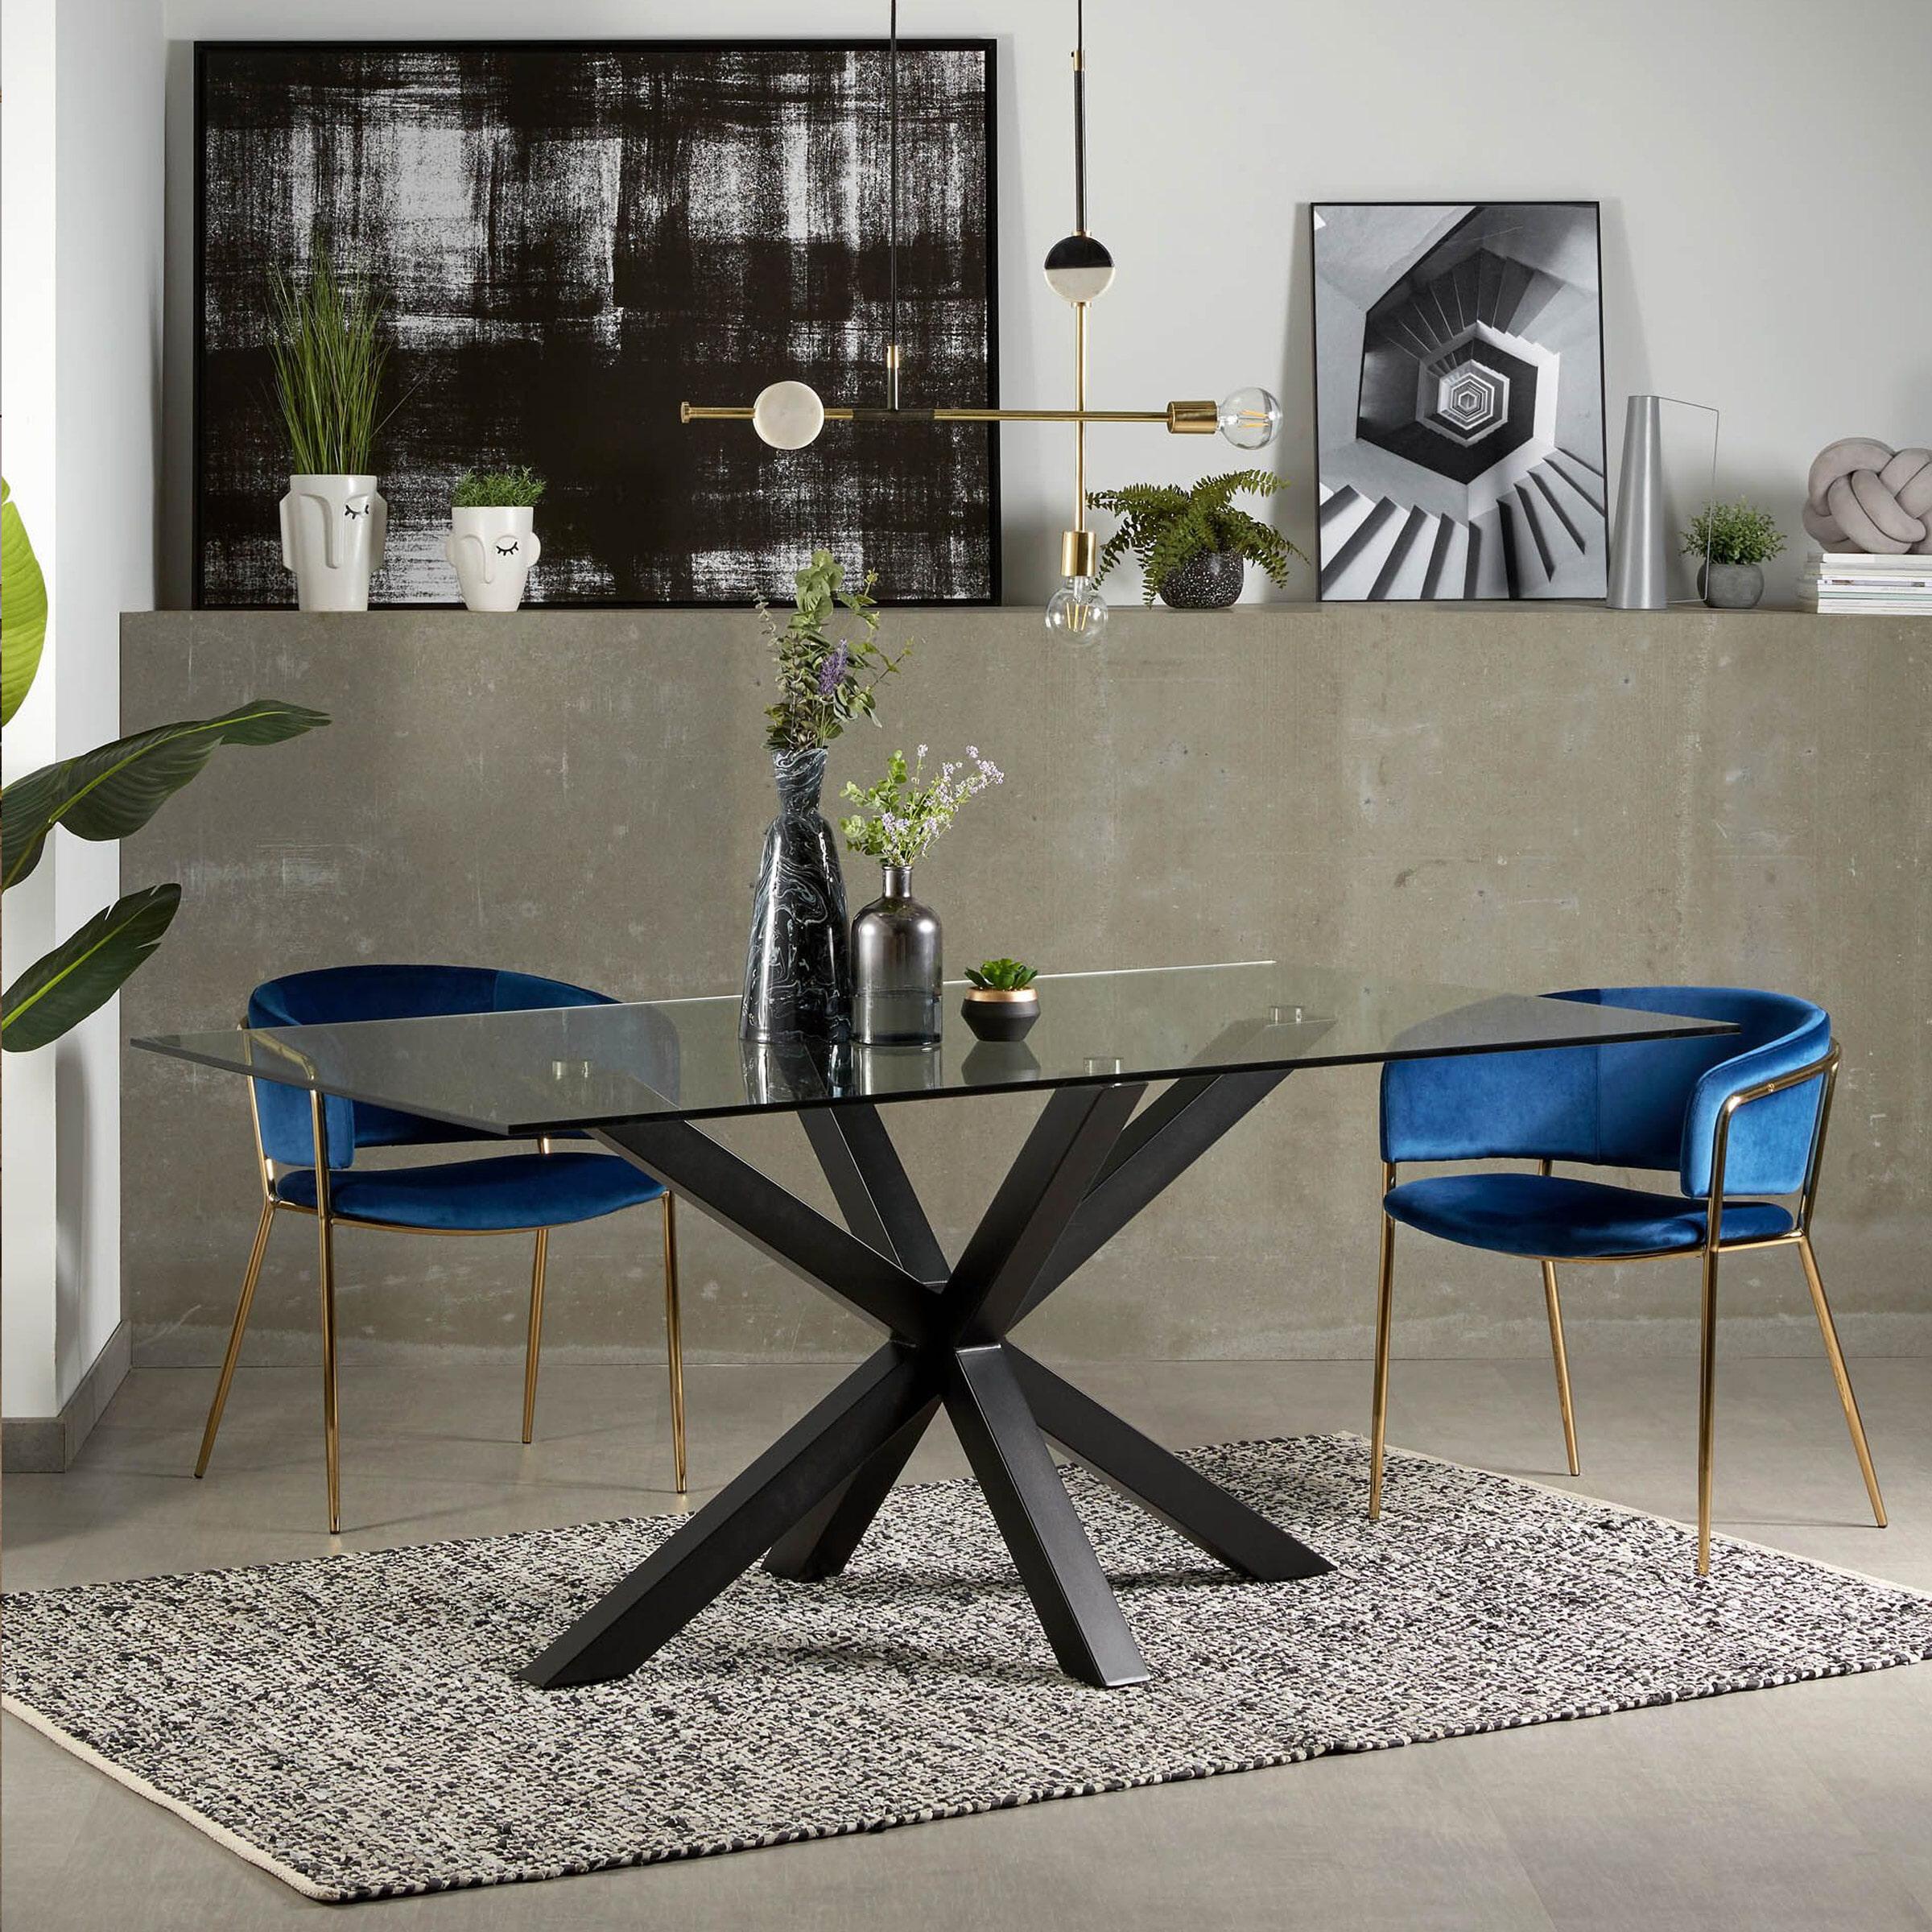 Kave Home Glazen eettafel 'Argo' met zwart onderstel, 200 x 100cm